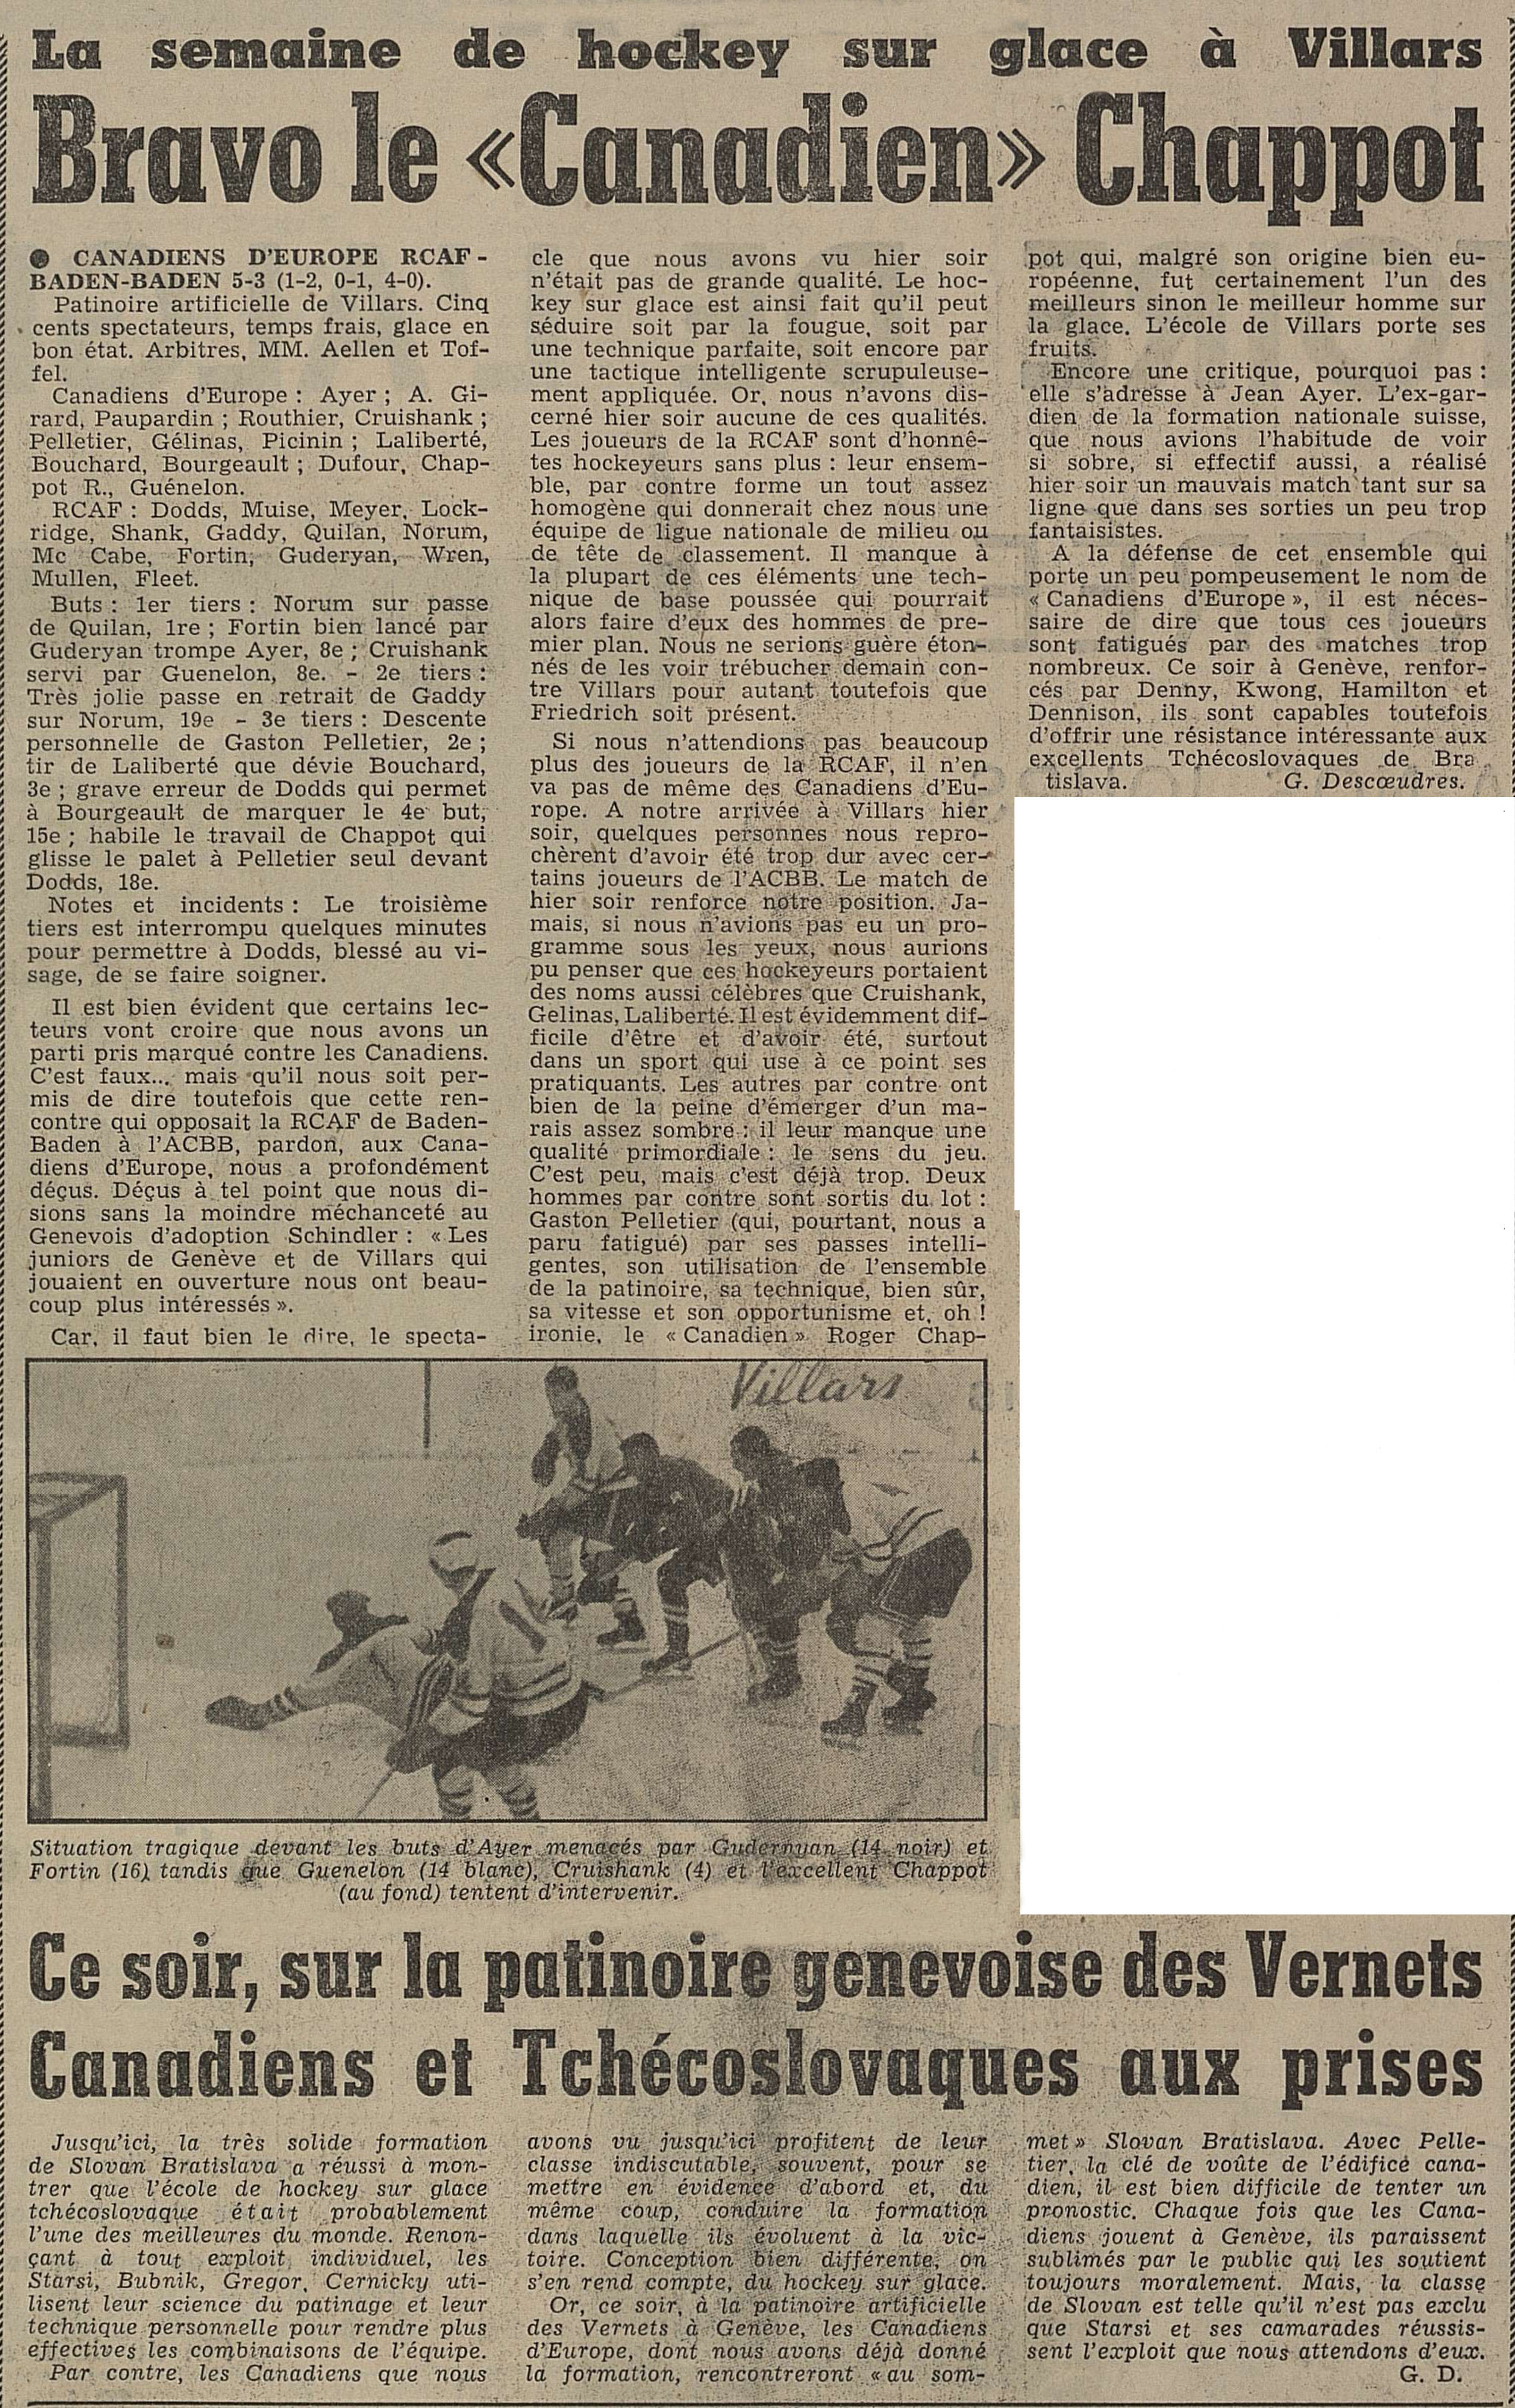 Le Matin - Tribune de Lausanne_19620104_powx0i.jpg